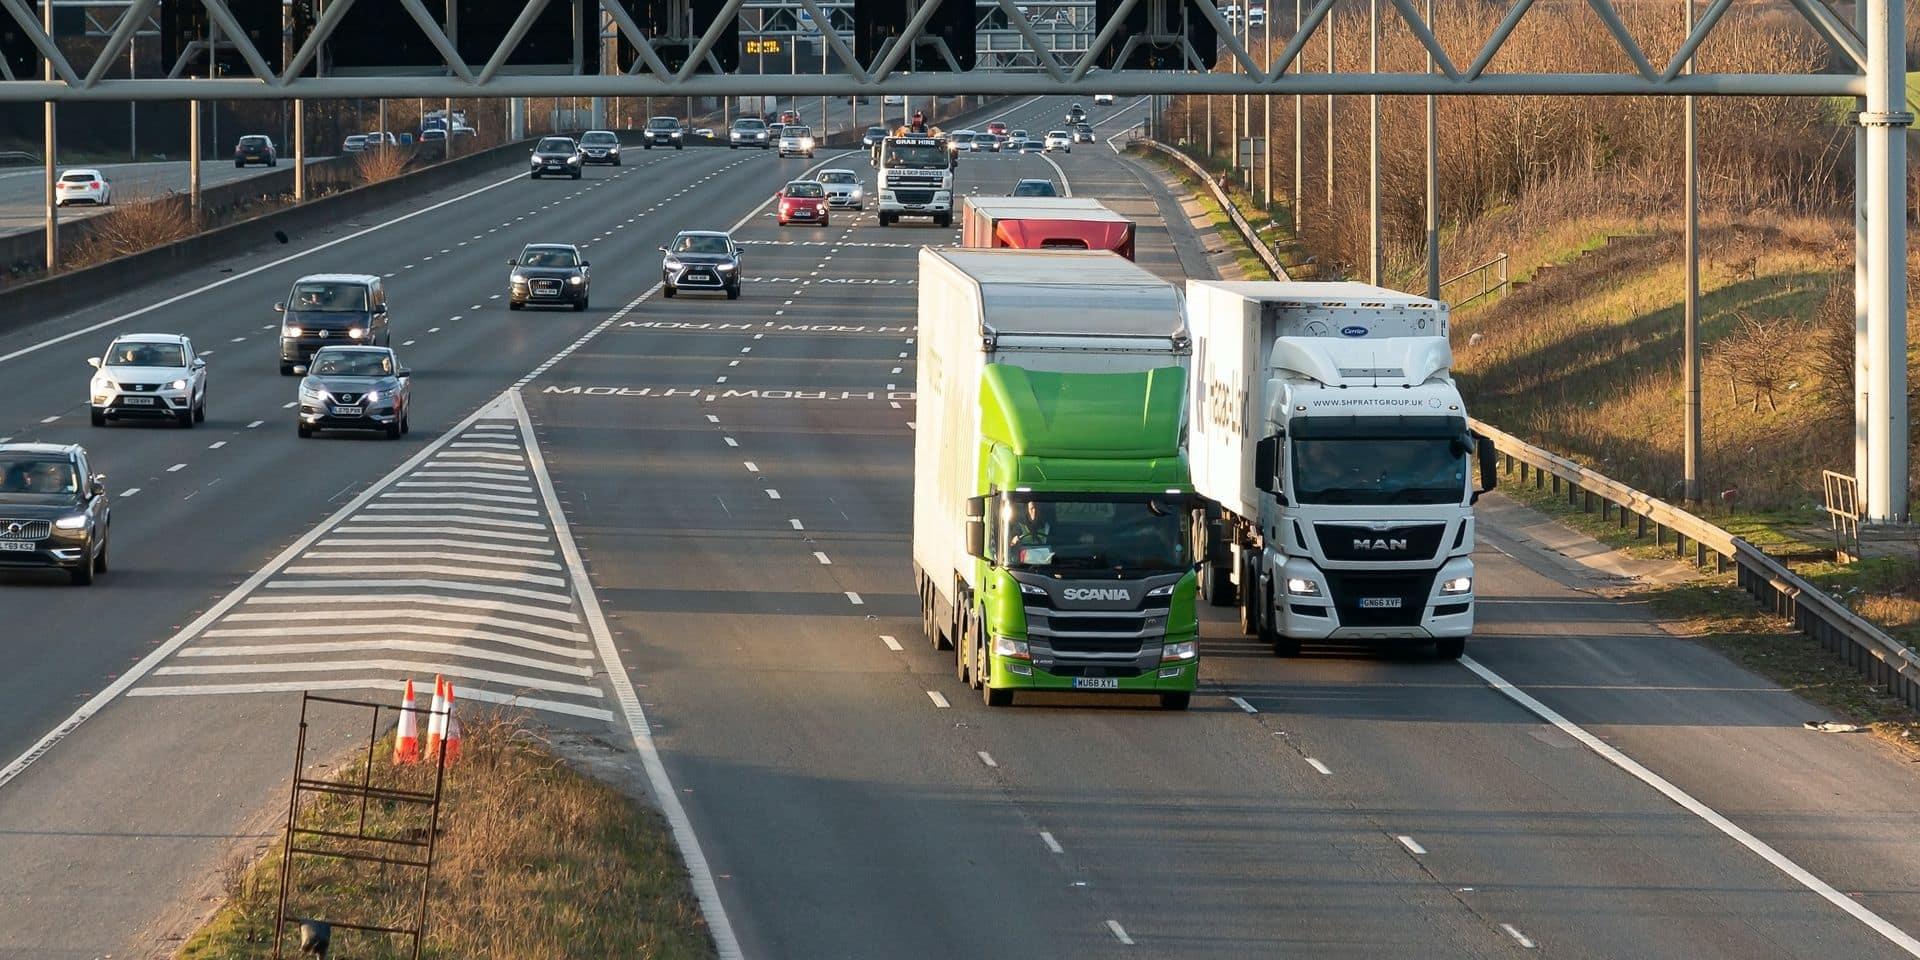 Le Royaume-Uni va interdire les camions polluants pour 2040